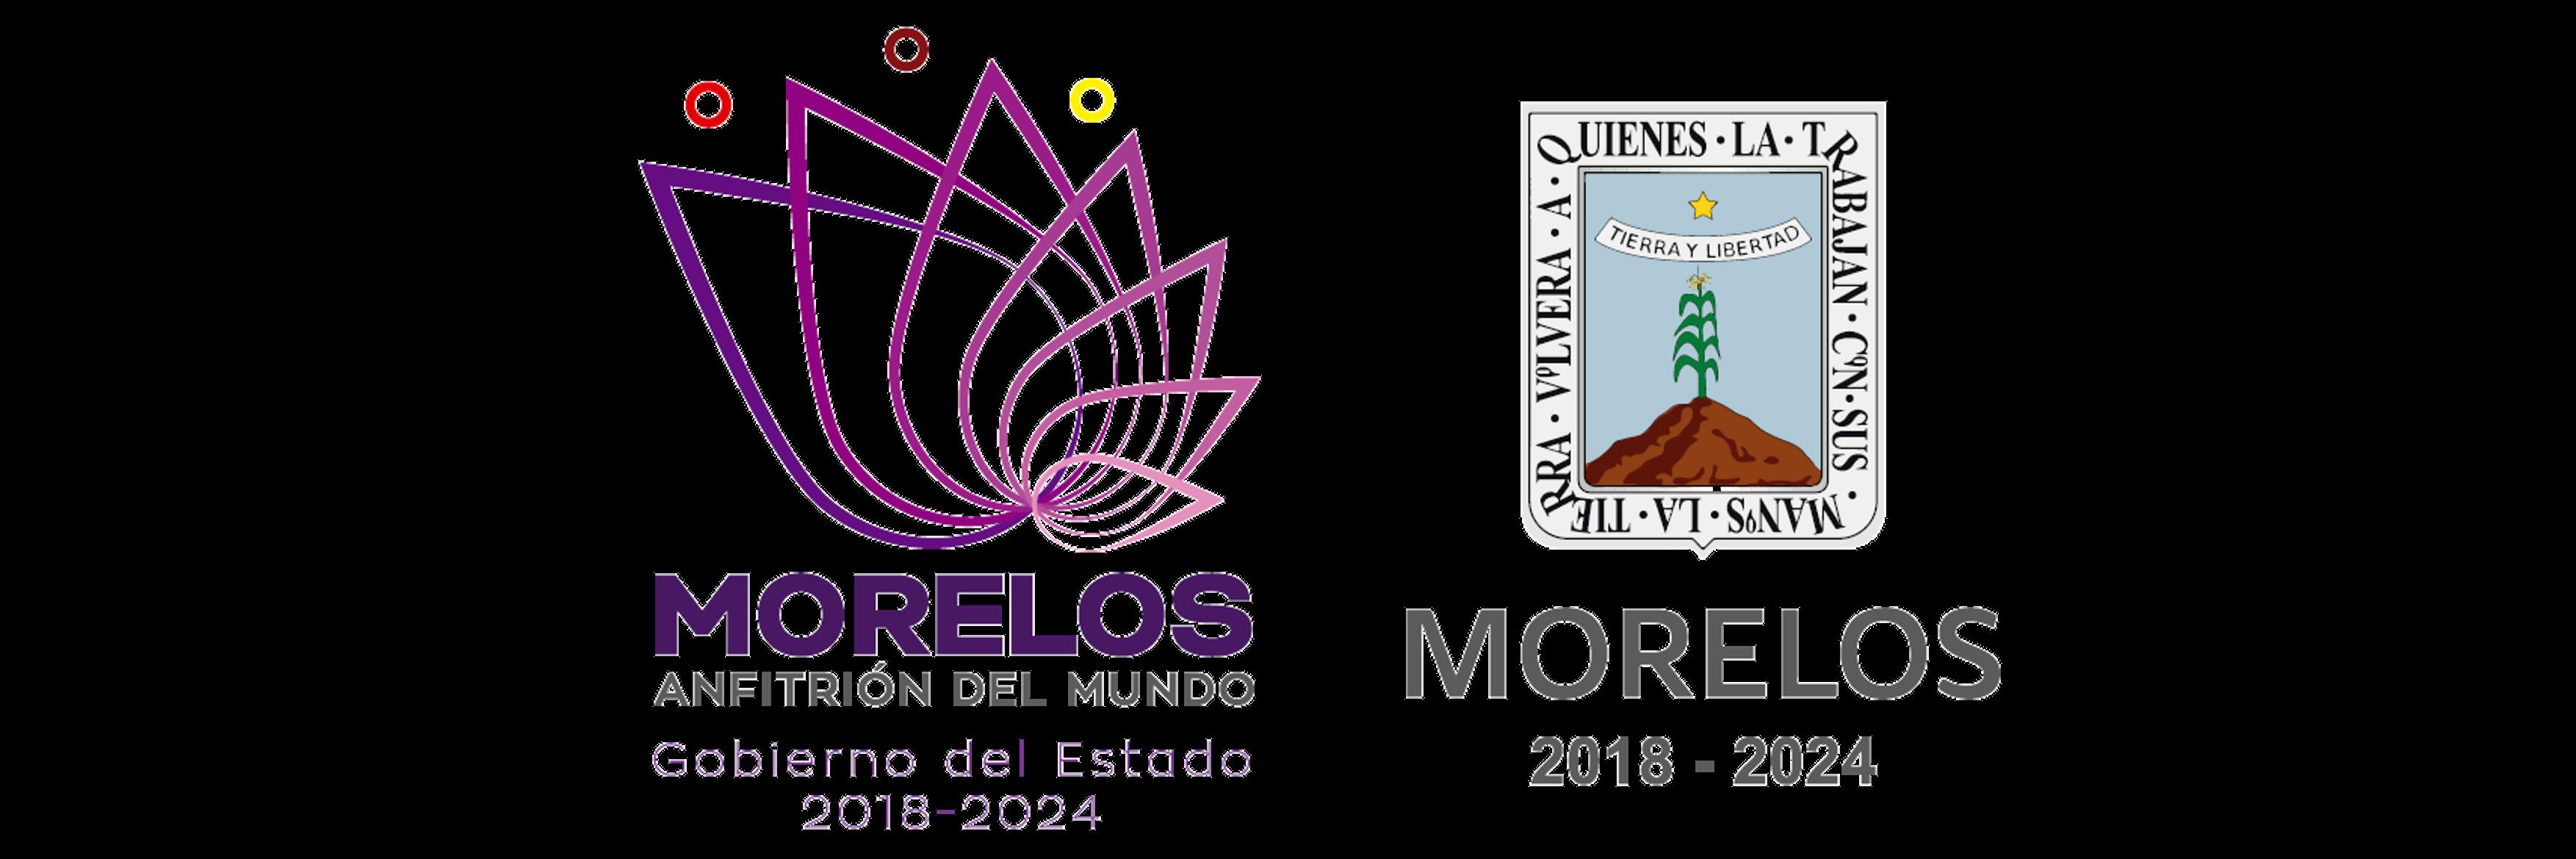 Morelos Gobierno del Estado